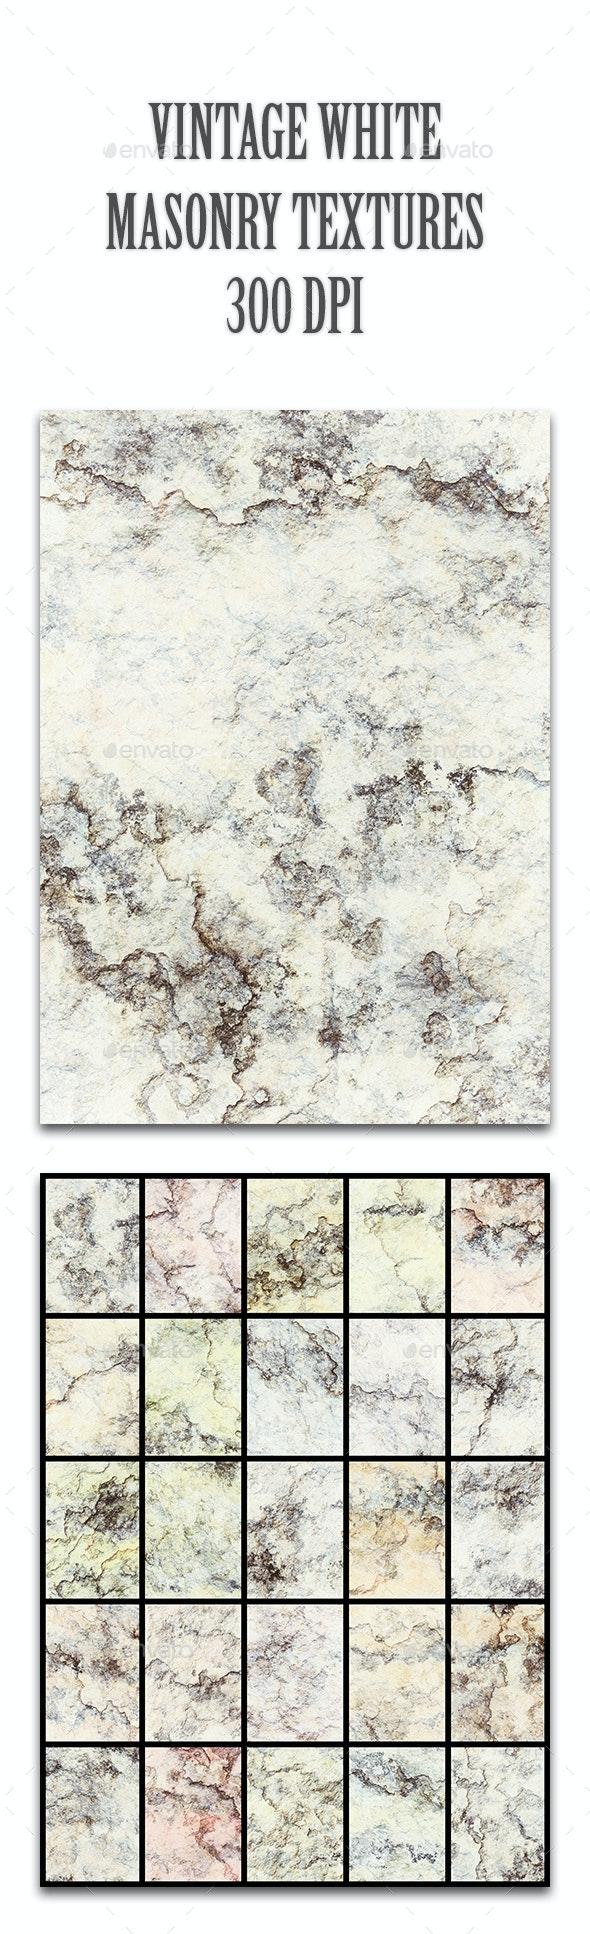 Vintage White Masonry Textures - Stone Textures